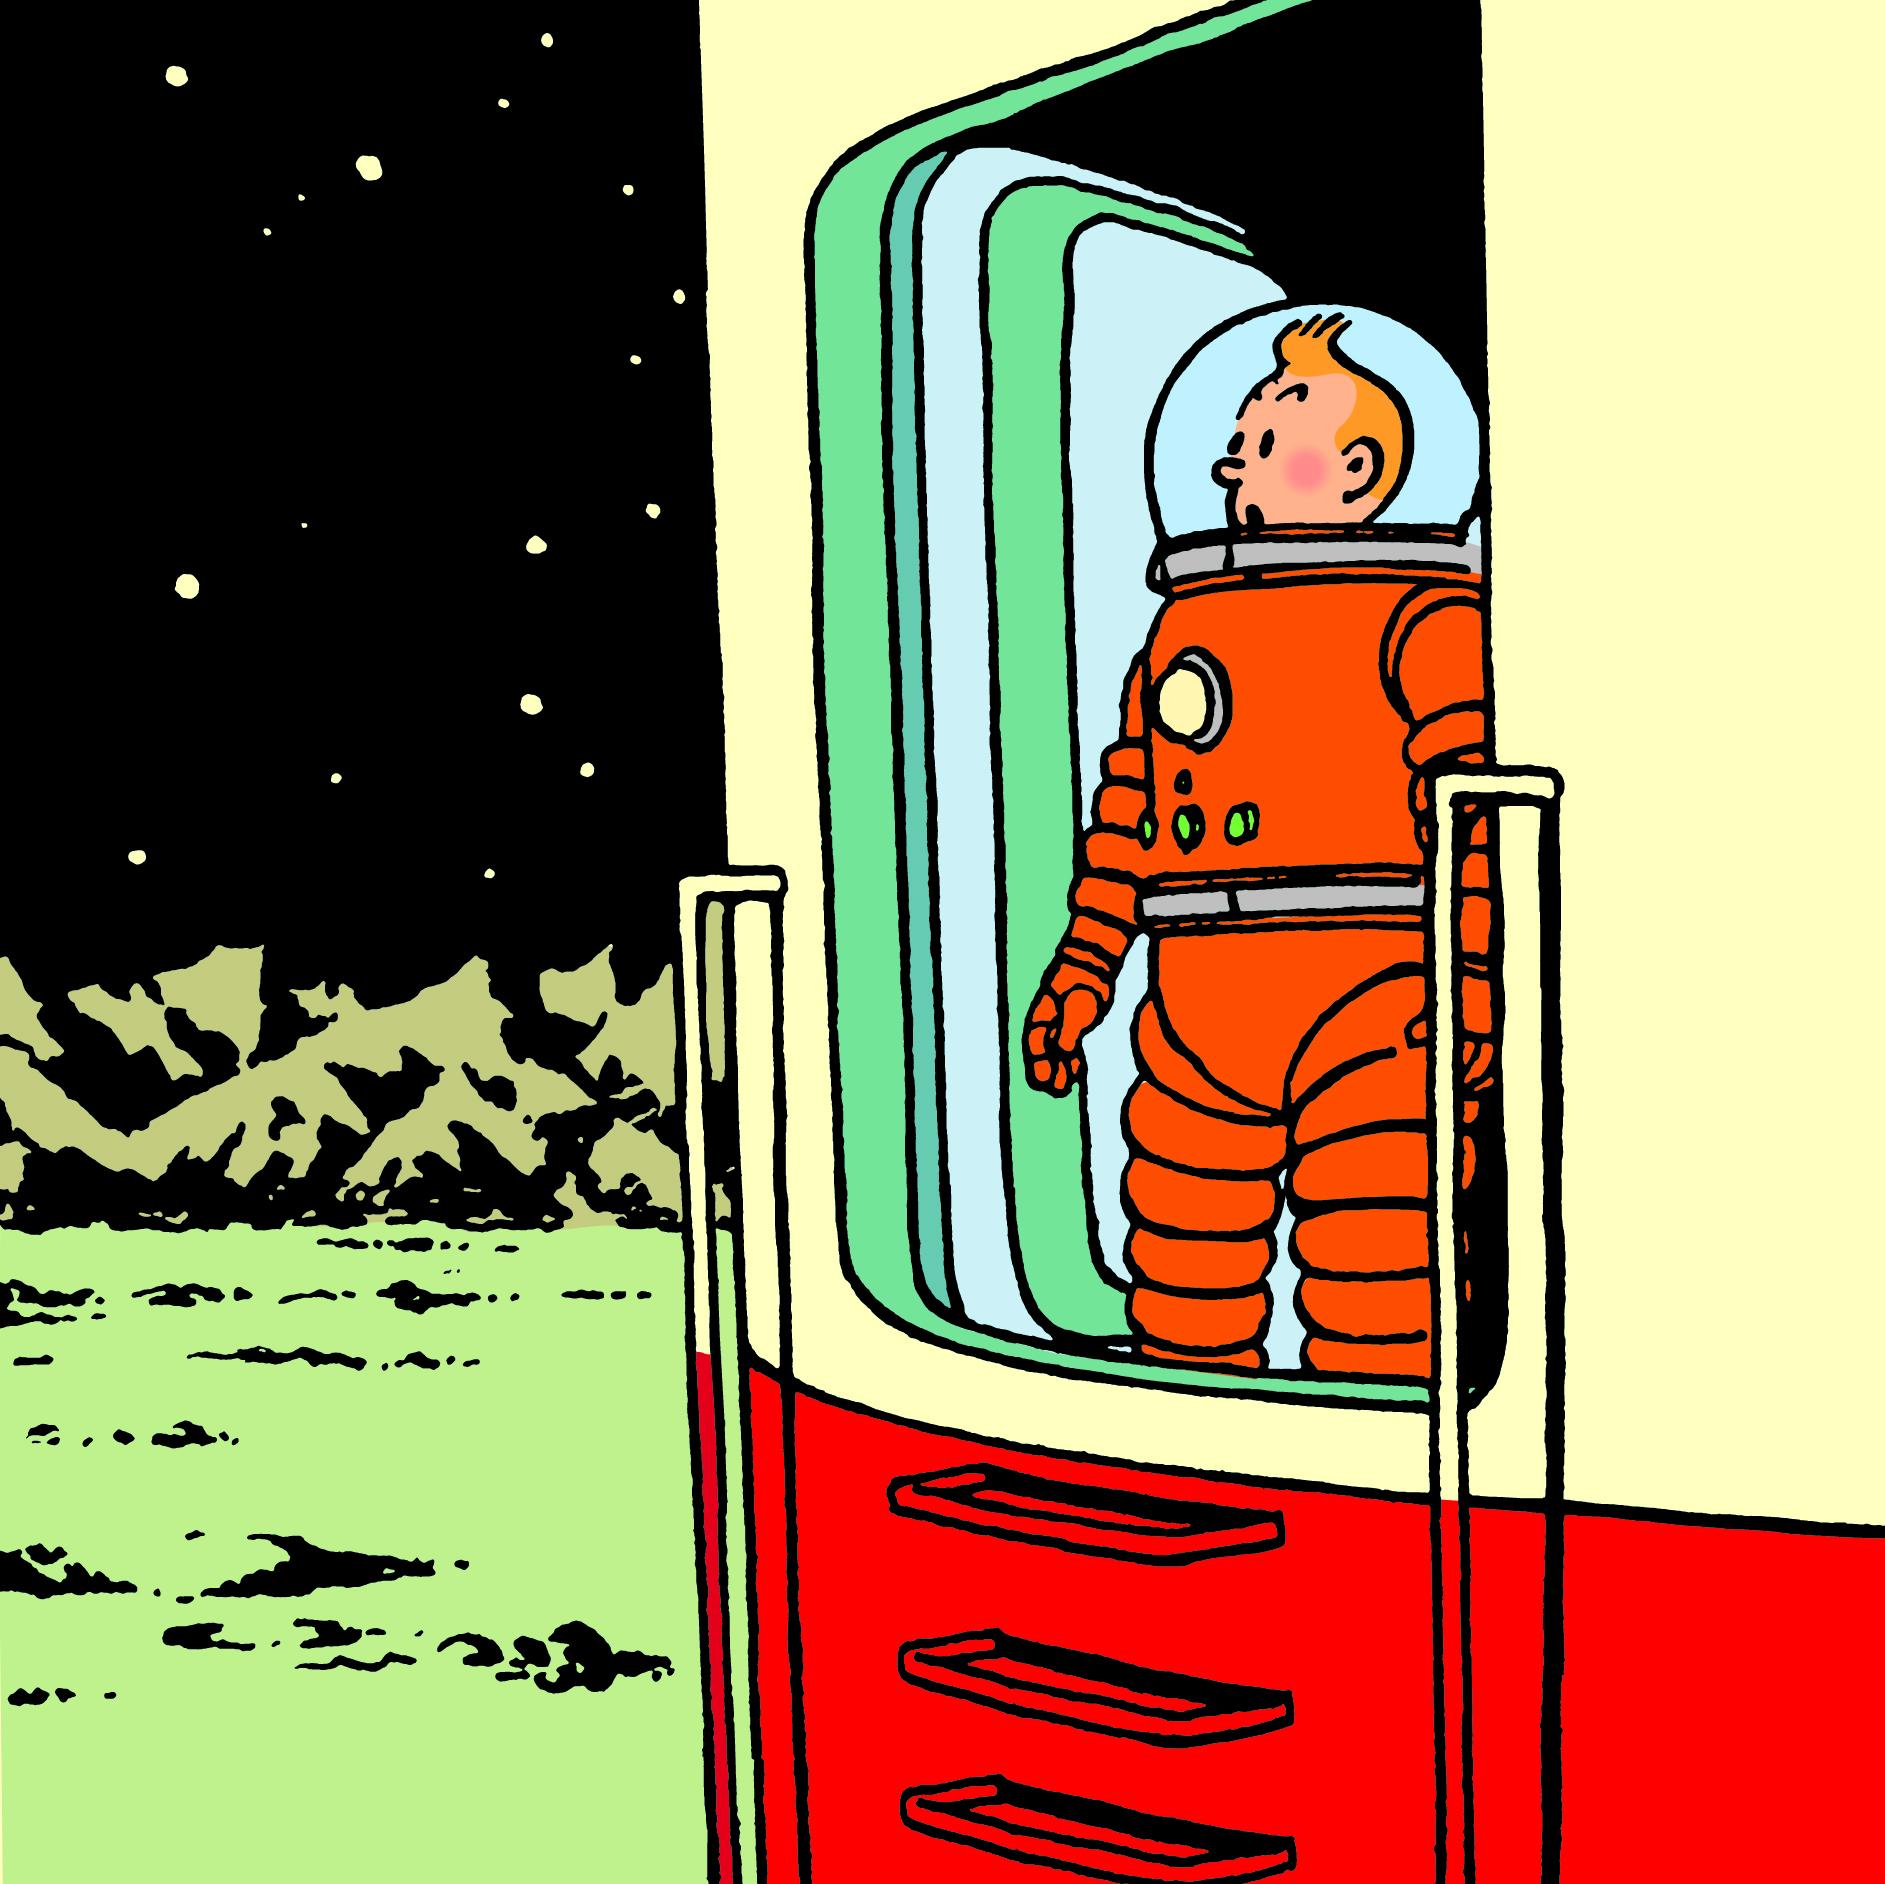 El CosmoCaixa i Tintín celebren els 50 anys de l'arribada a la Lluna